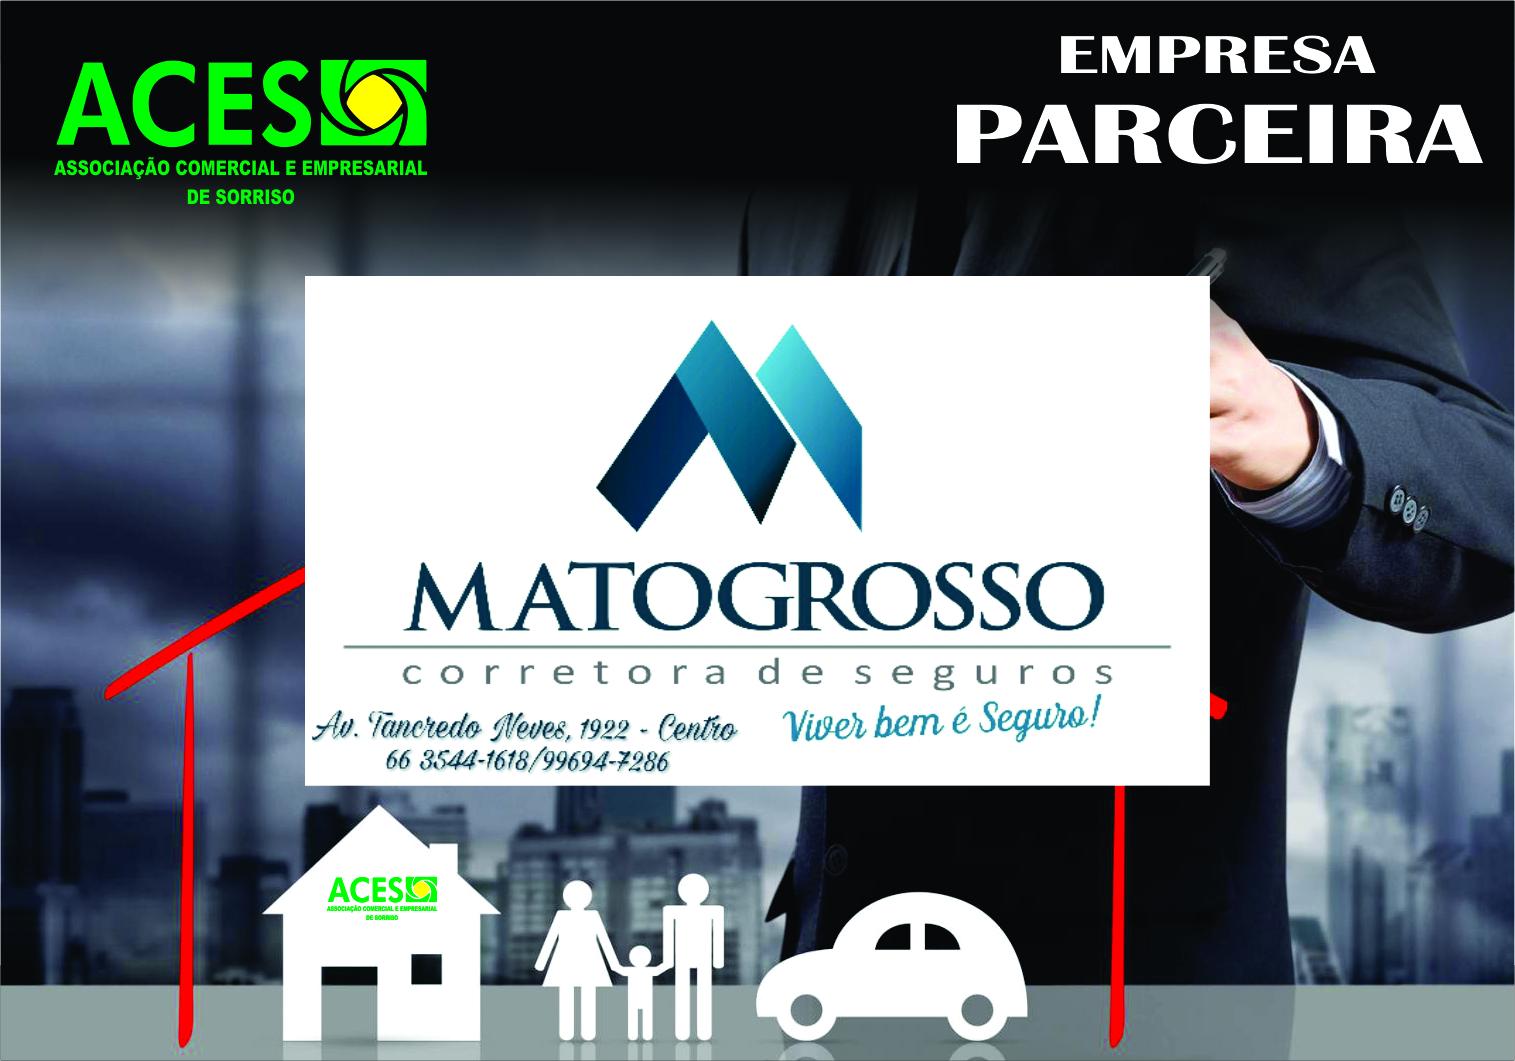 MATO GROSSO CORRETORA DE SEGUROS